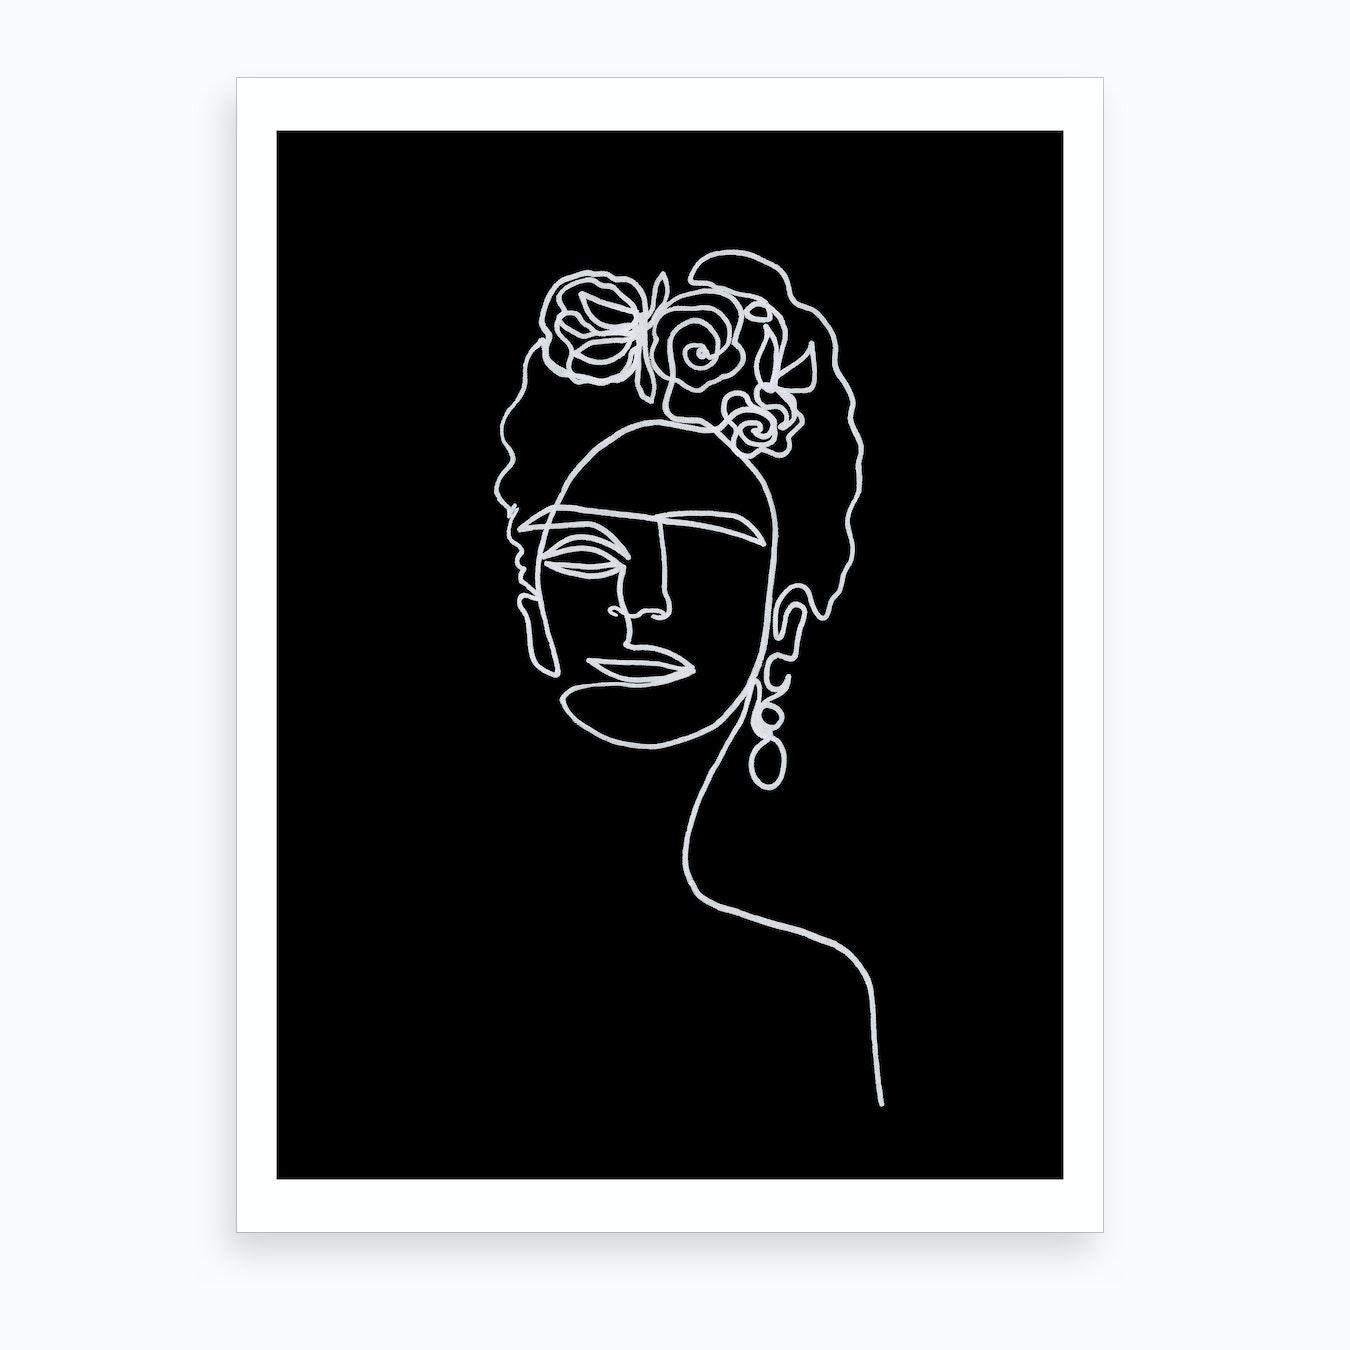 Frida kahlo black and white by julia hariri